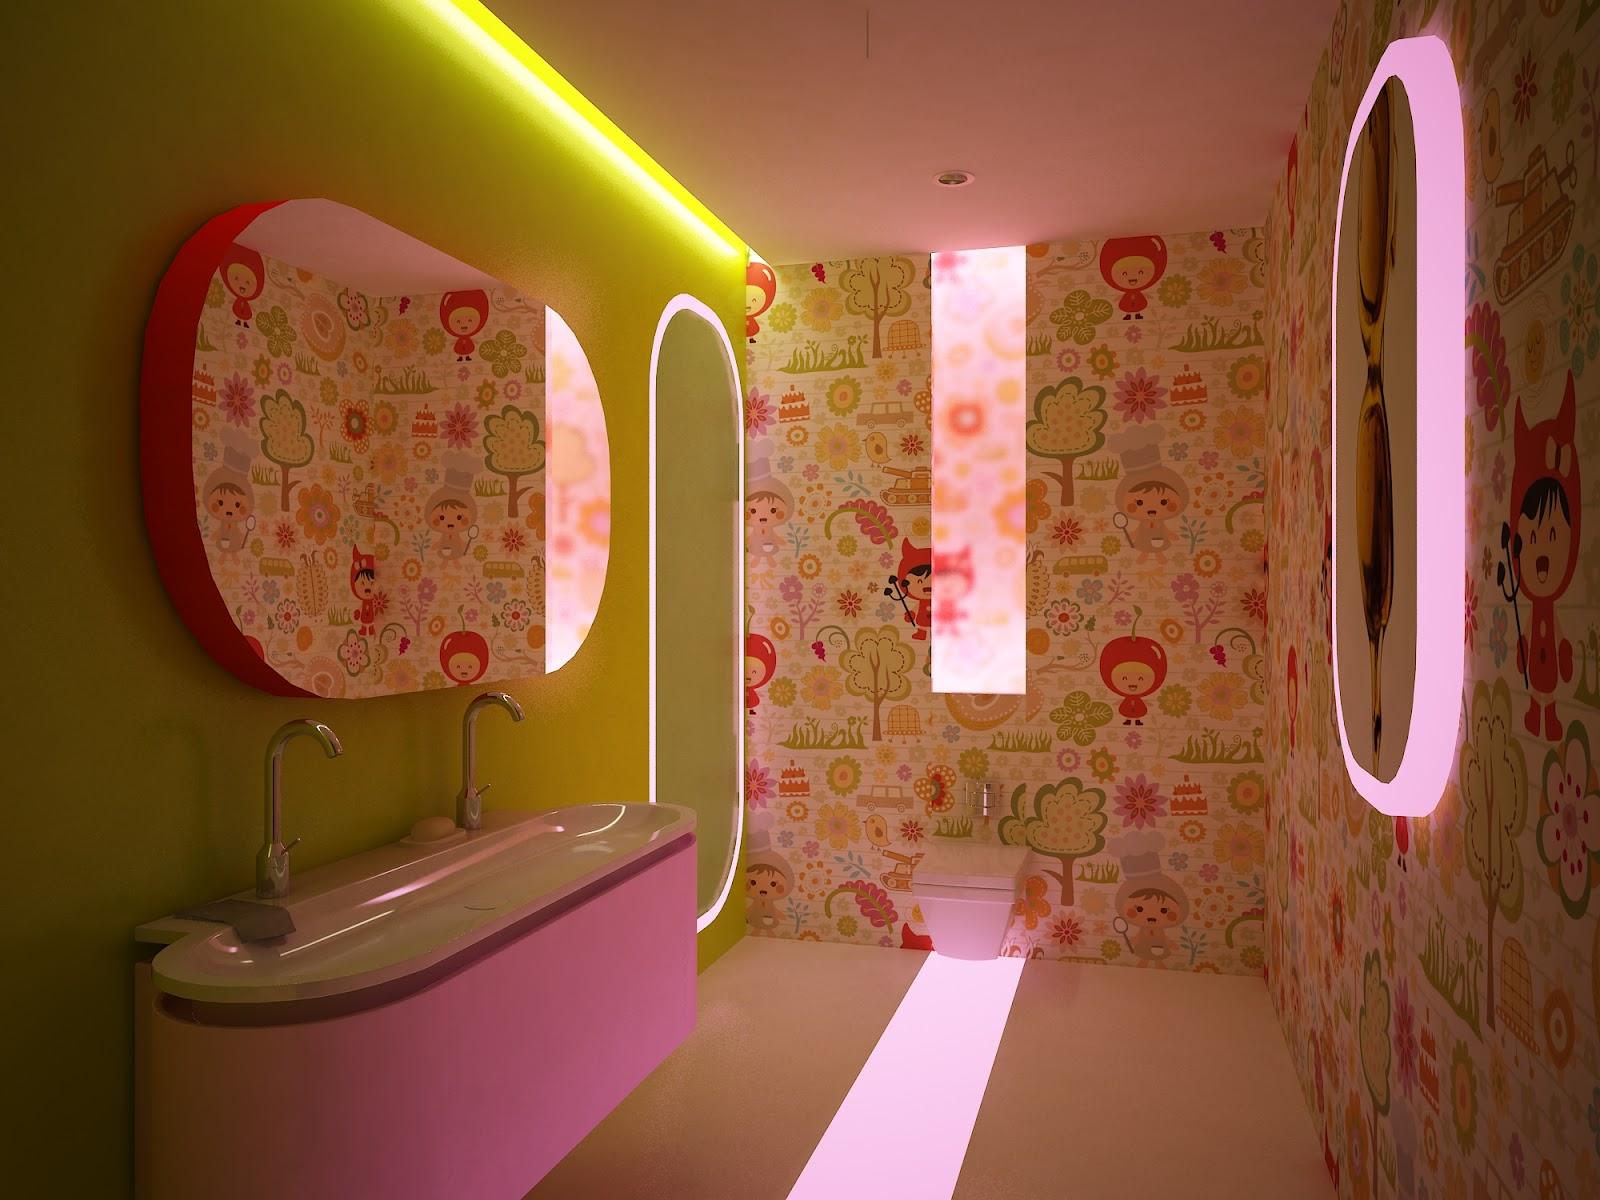 Interior Design Amp Visual Art June 2012